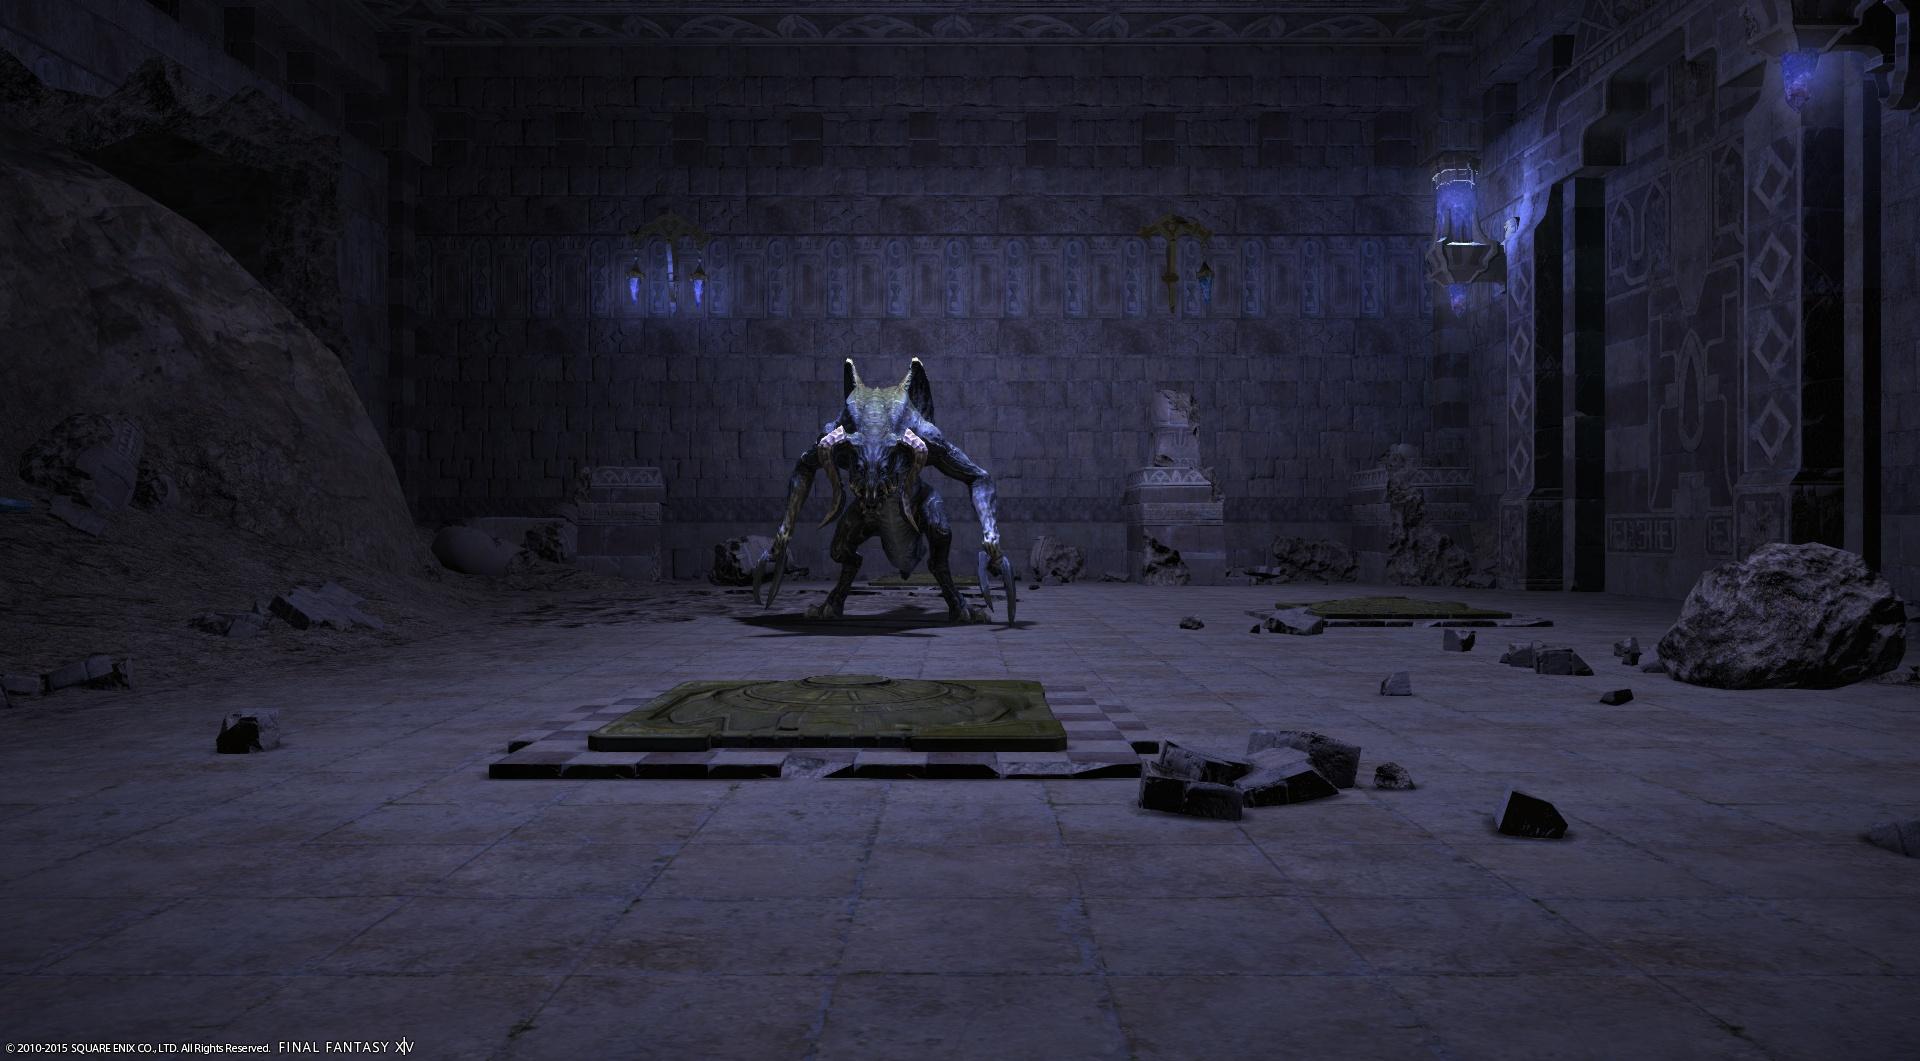 テラトタウルス序盤の中ボス。死の宣告(イモータルアイ)という即死技を使ってくるので、光る床を踏んでお祓いしましょう!